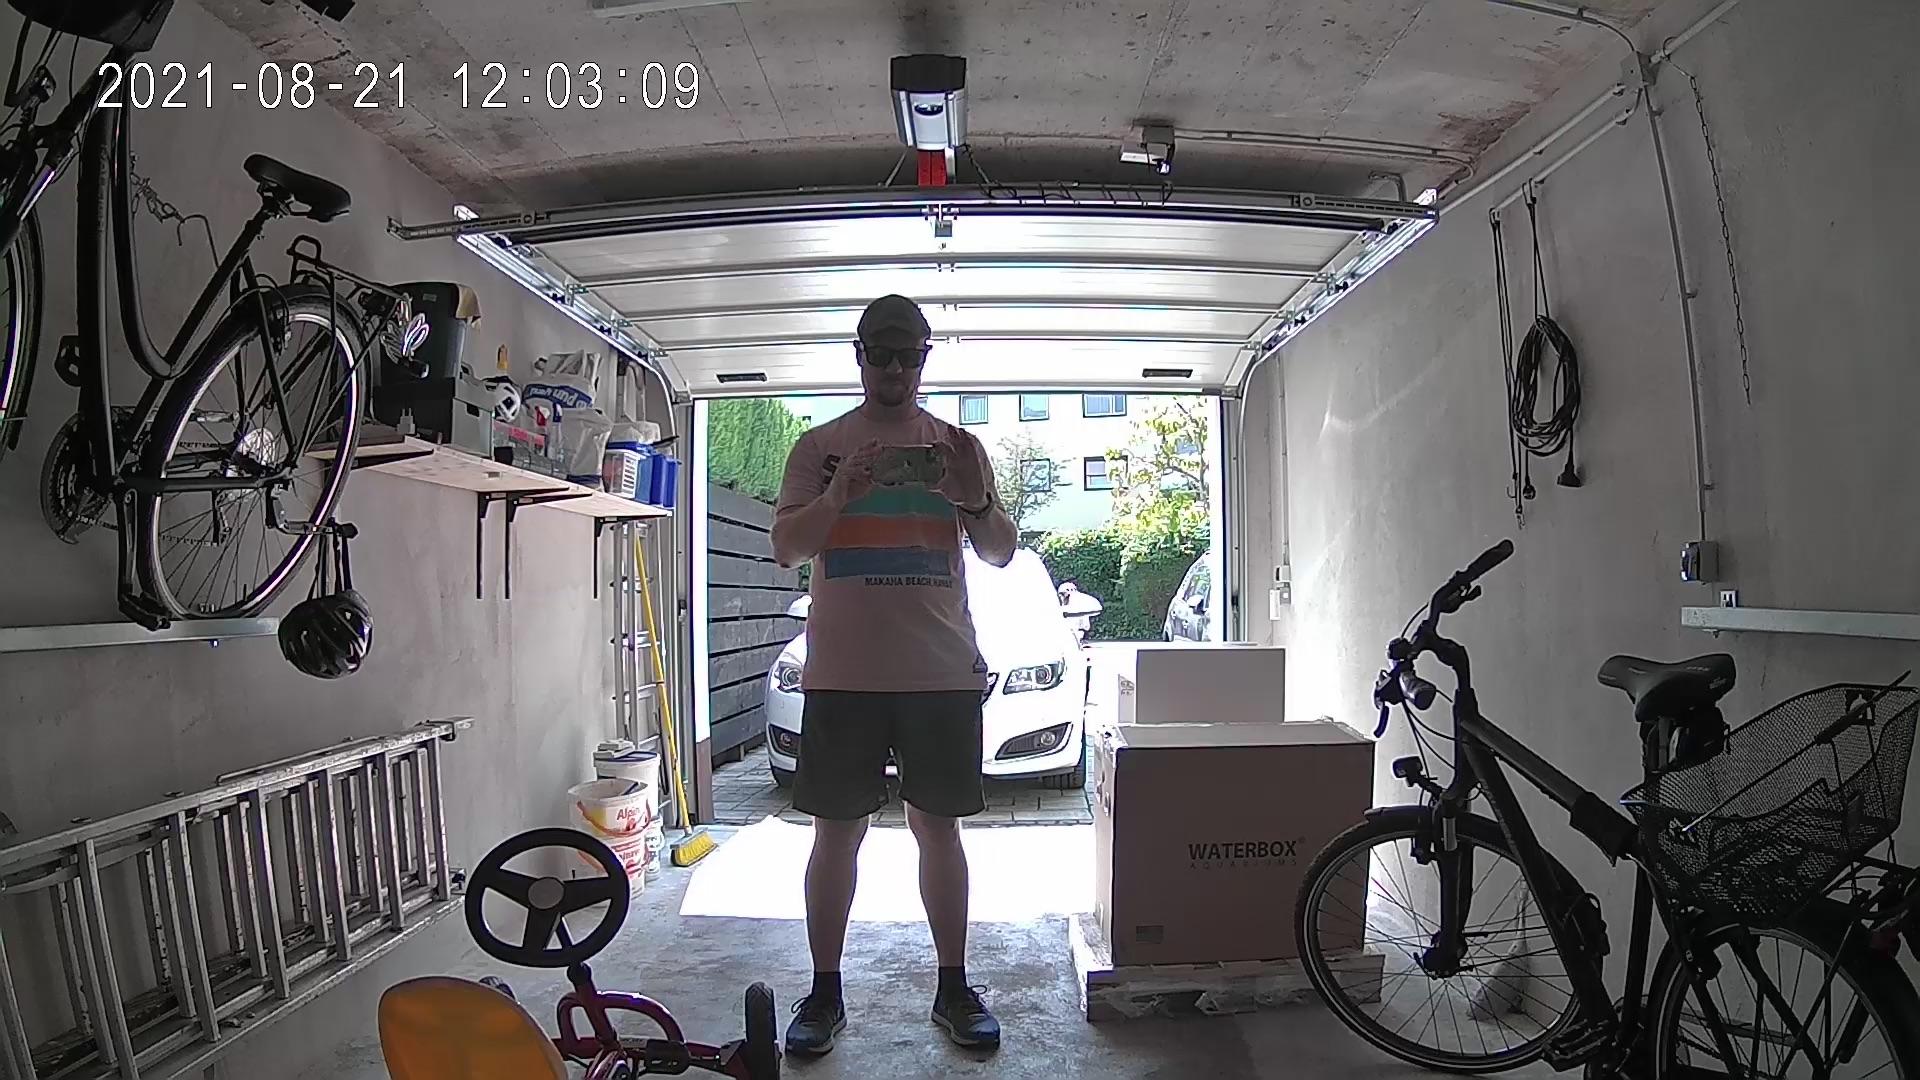 Abbildung einer Aufnahme mit der Switchbot Überwachungskamera am Tag bei Gegenlicht.